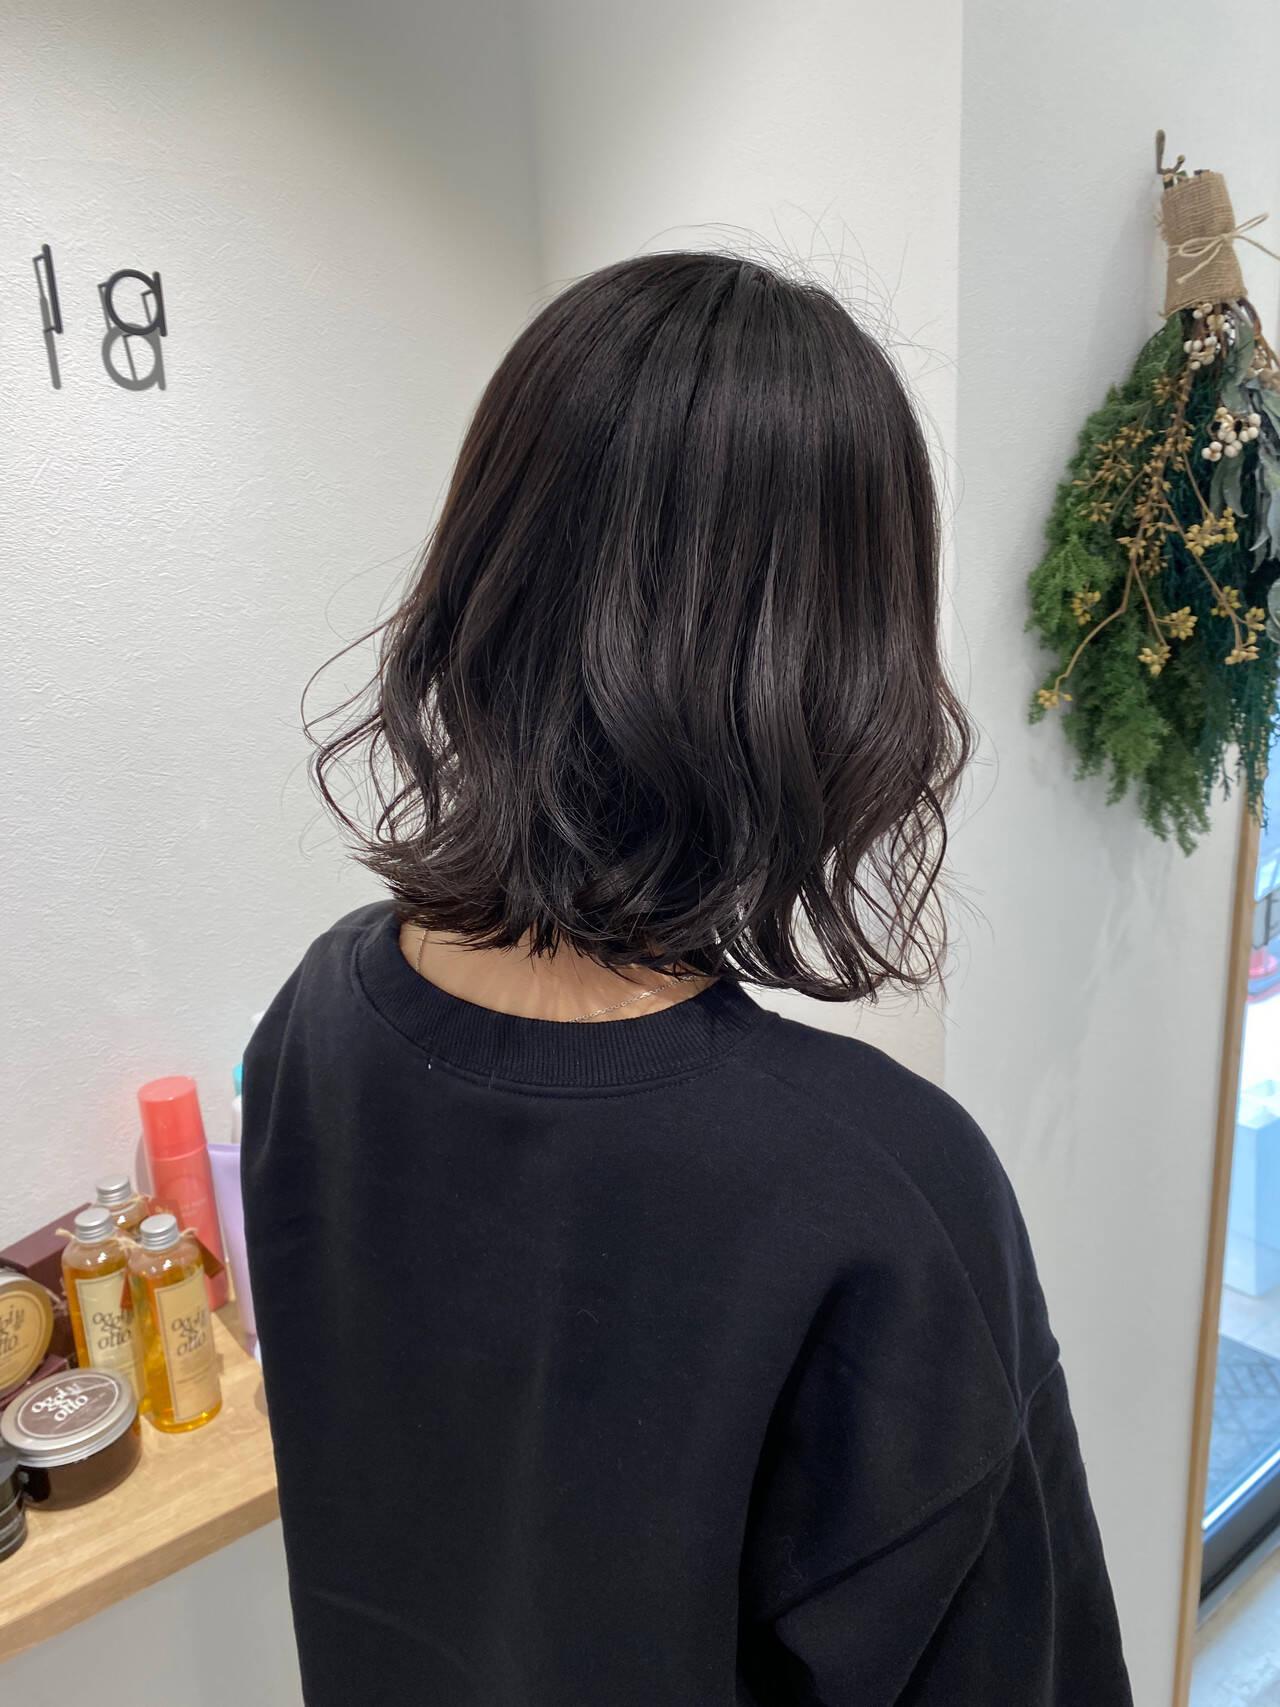 ミディアム 波ウェーブ ウェーブ ワンカールヘアスタイルや髪型の写真・画像